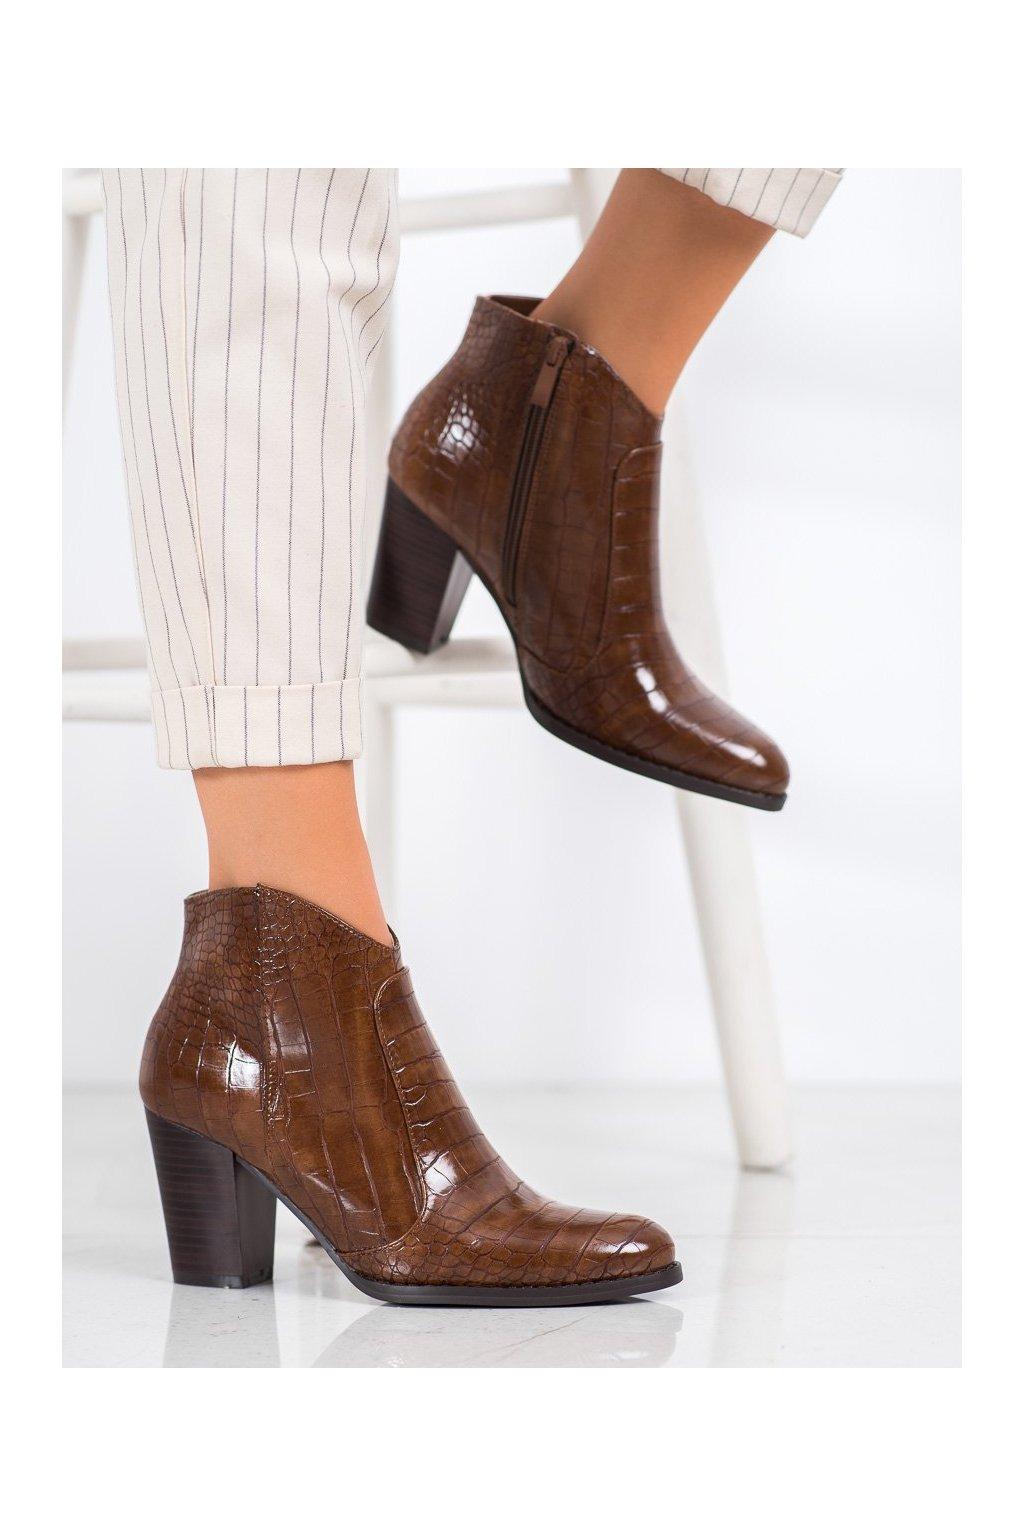 Hnedé dámske topánky Filippo kod DBT1581/20BR